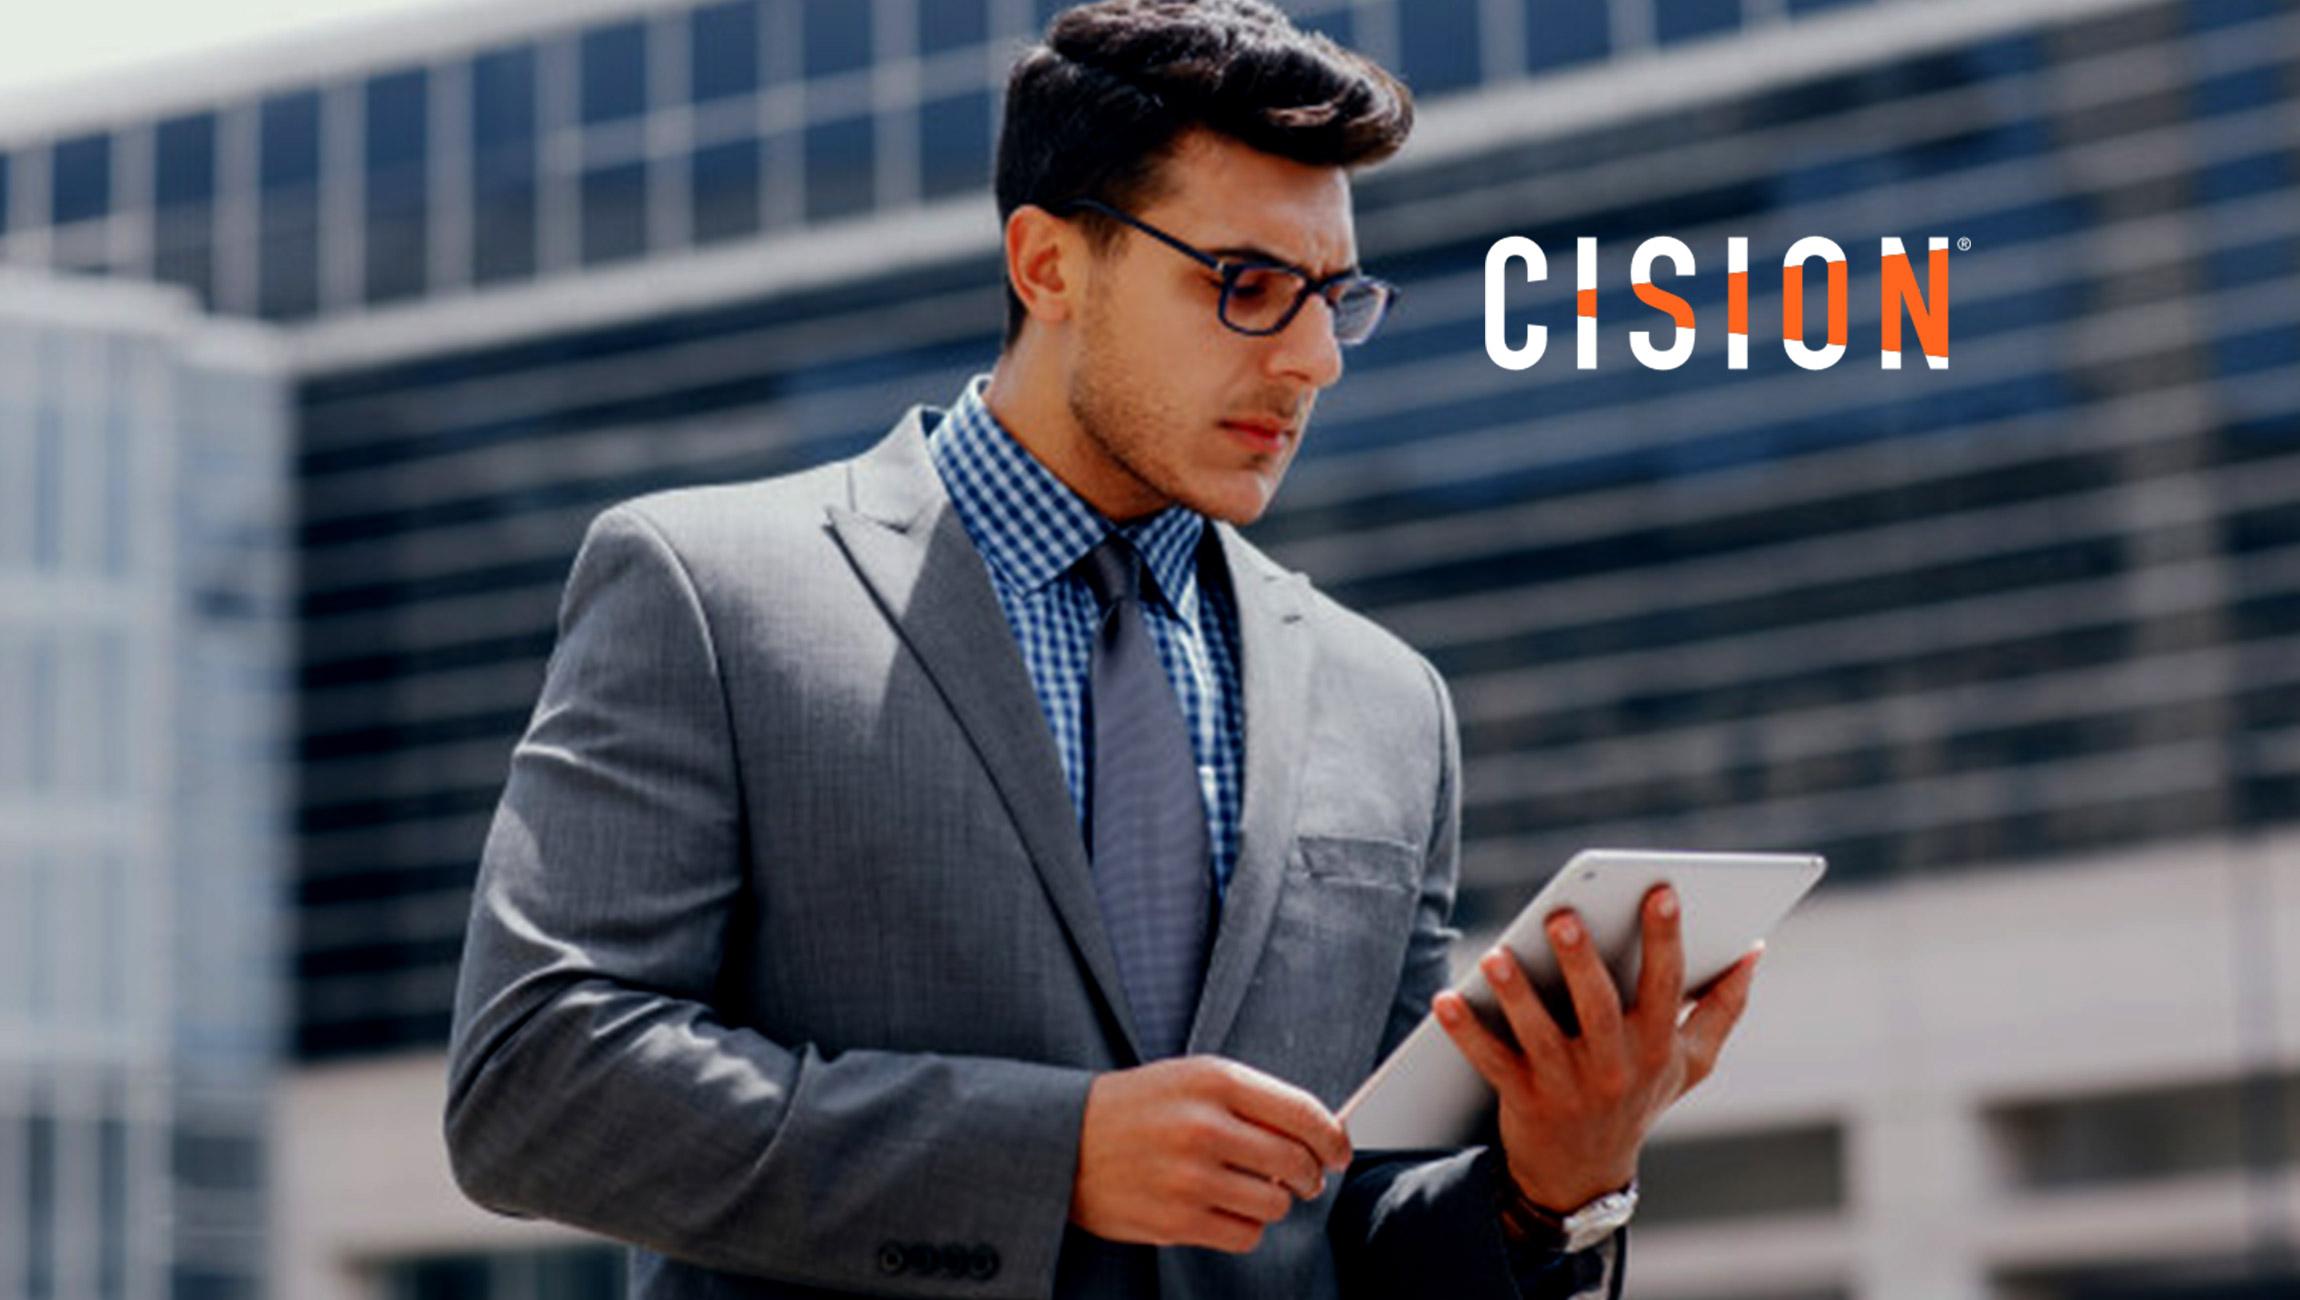 Cision® Acquires Leading Social Media Company Falcon.io